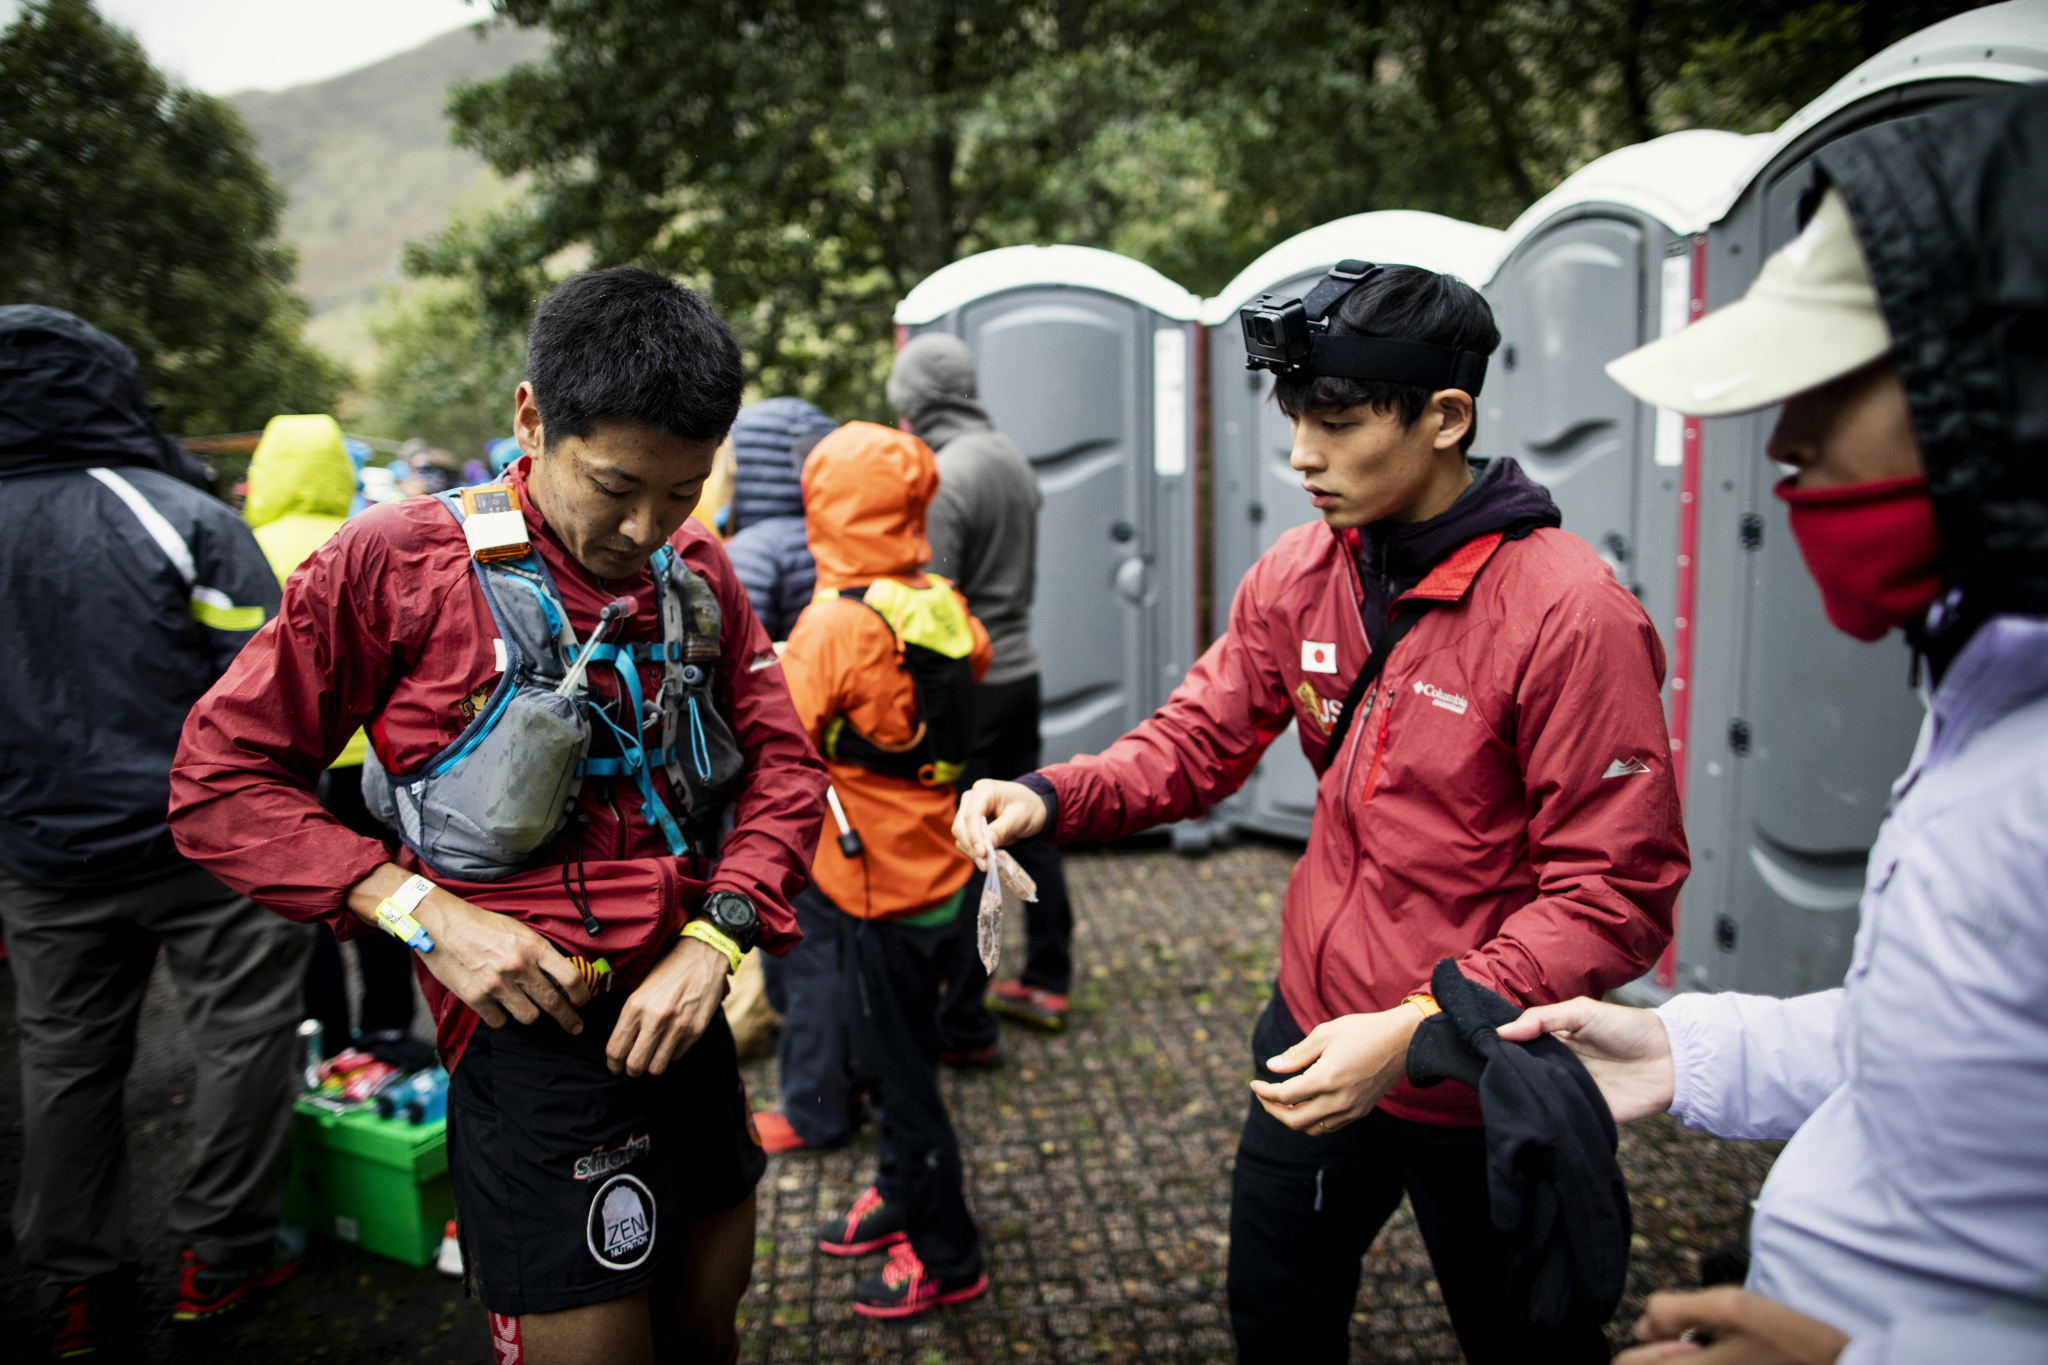 怪我が無ければ日本代表のエースとしてスカイレースに出場していた上田。3日間、日本チームのサポートとして裏方に徹した ©Sho Fujimaki